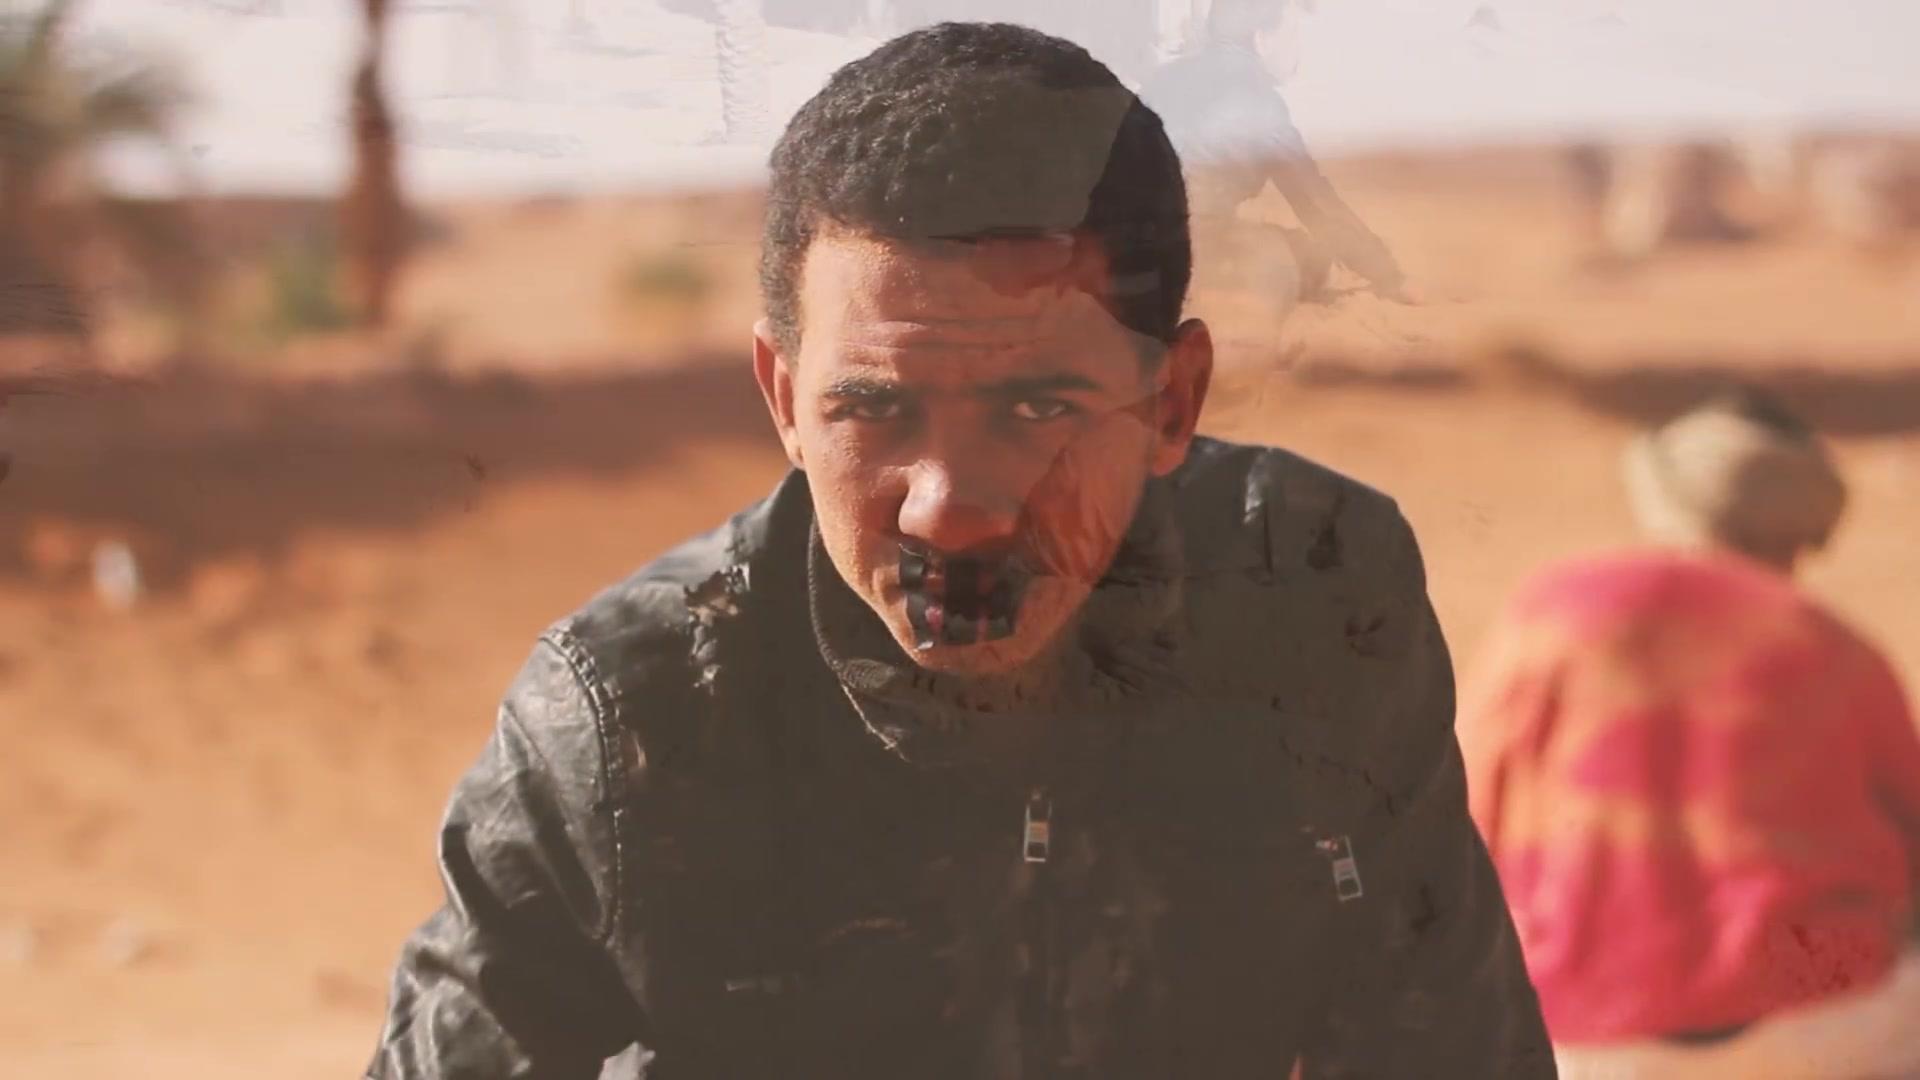 بلسان جميع الشباب الجزائري رسالة قوية و مؤثرة  ولد الصحراء ماراضيش